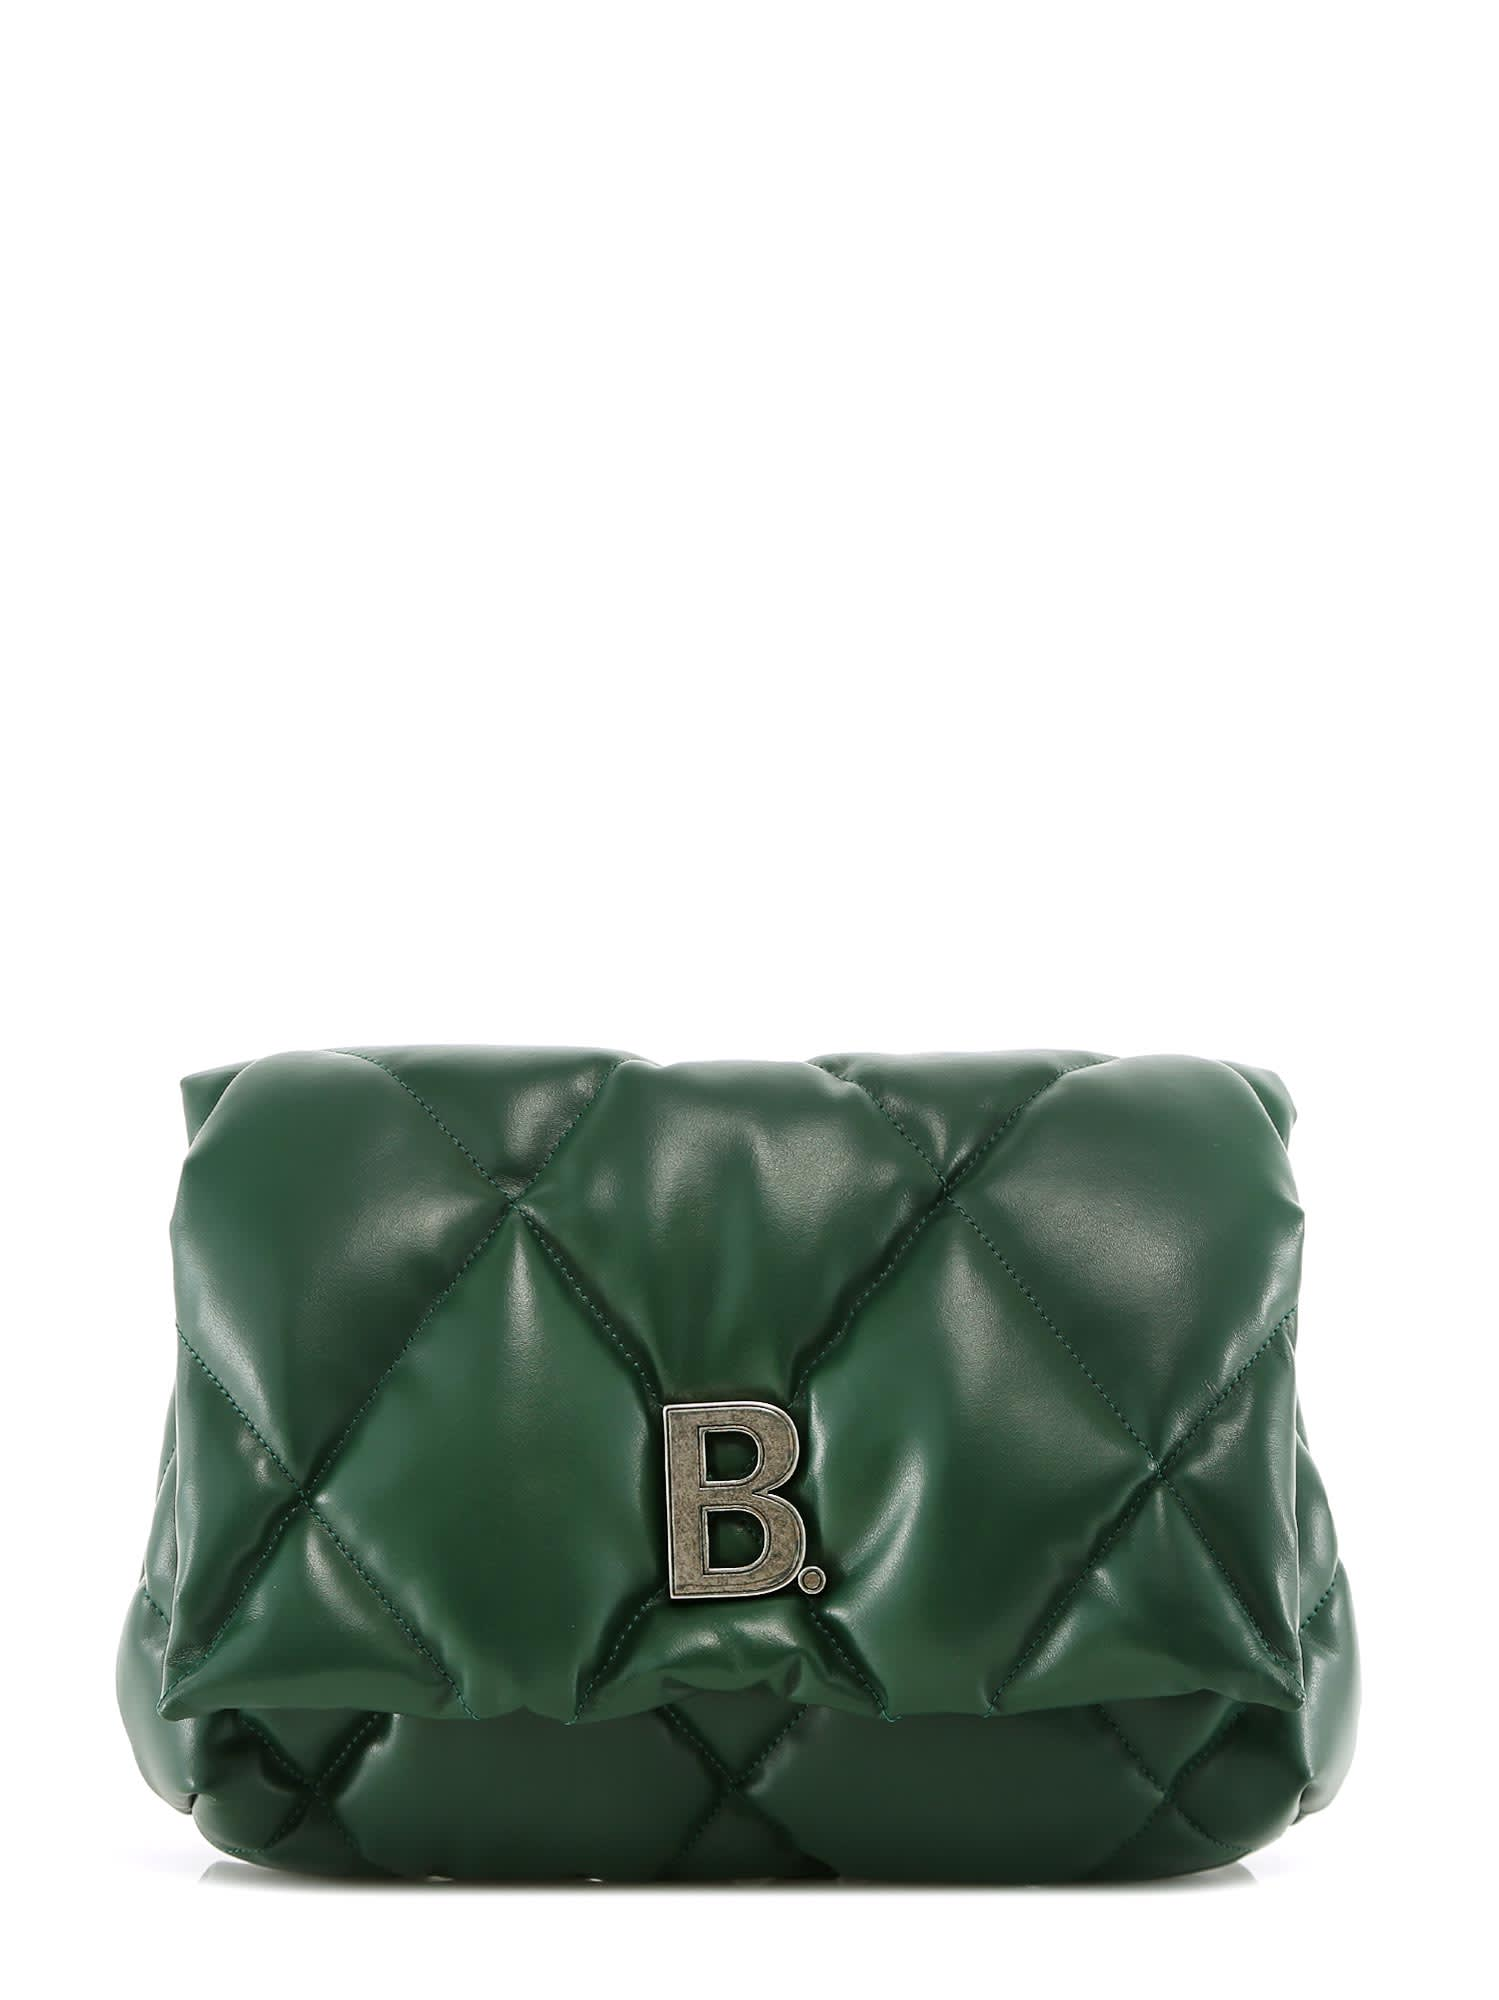 Balenciaga Leathers CLUTCH